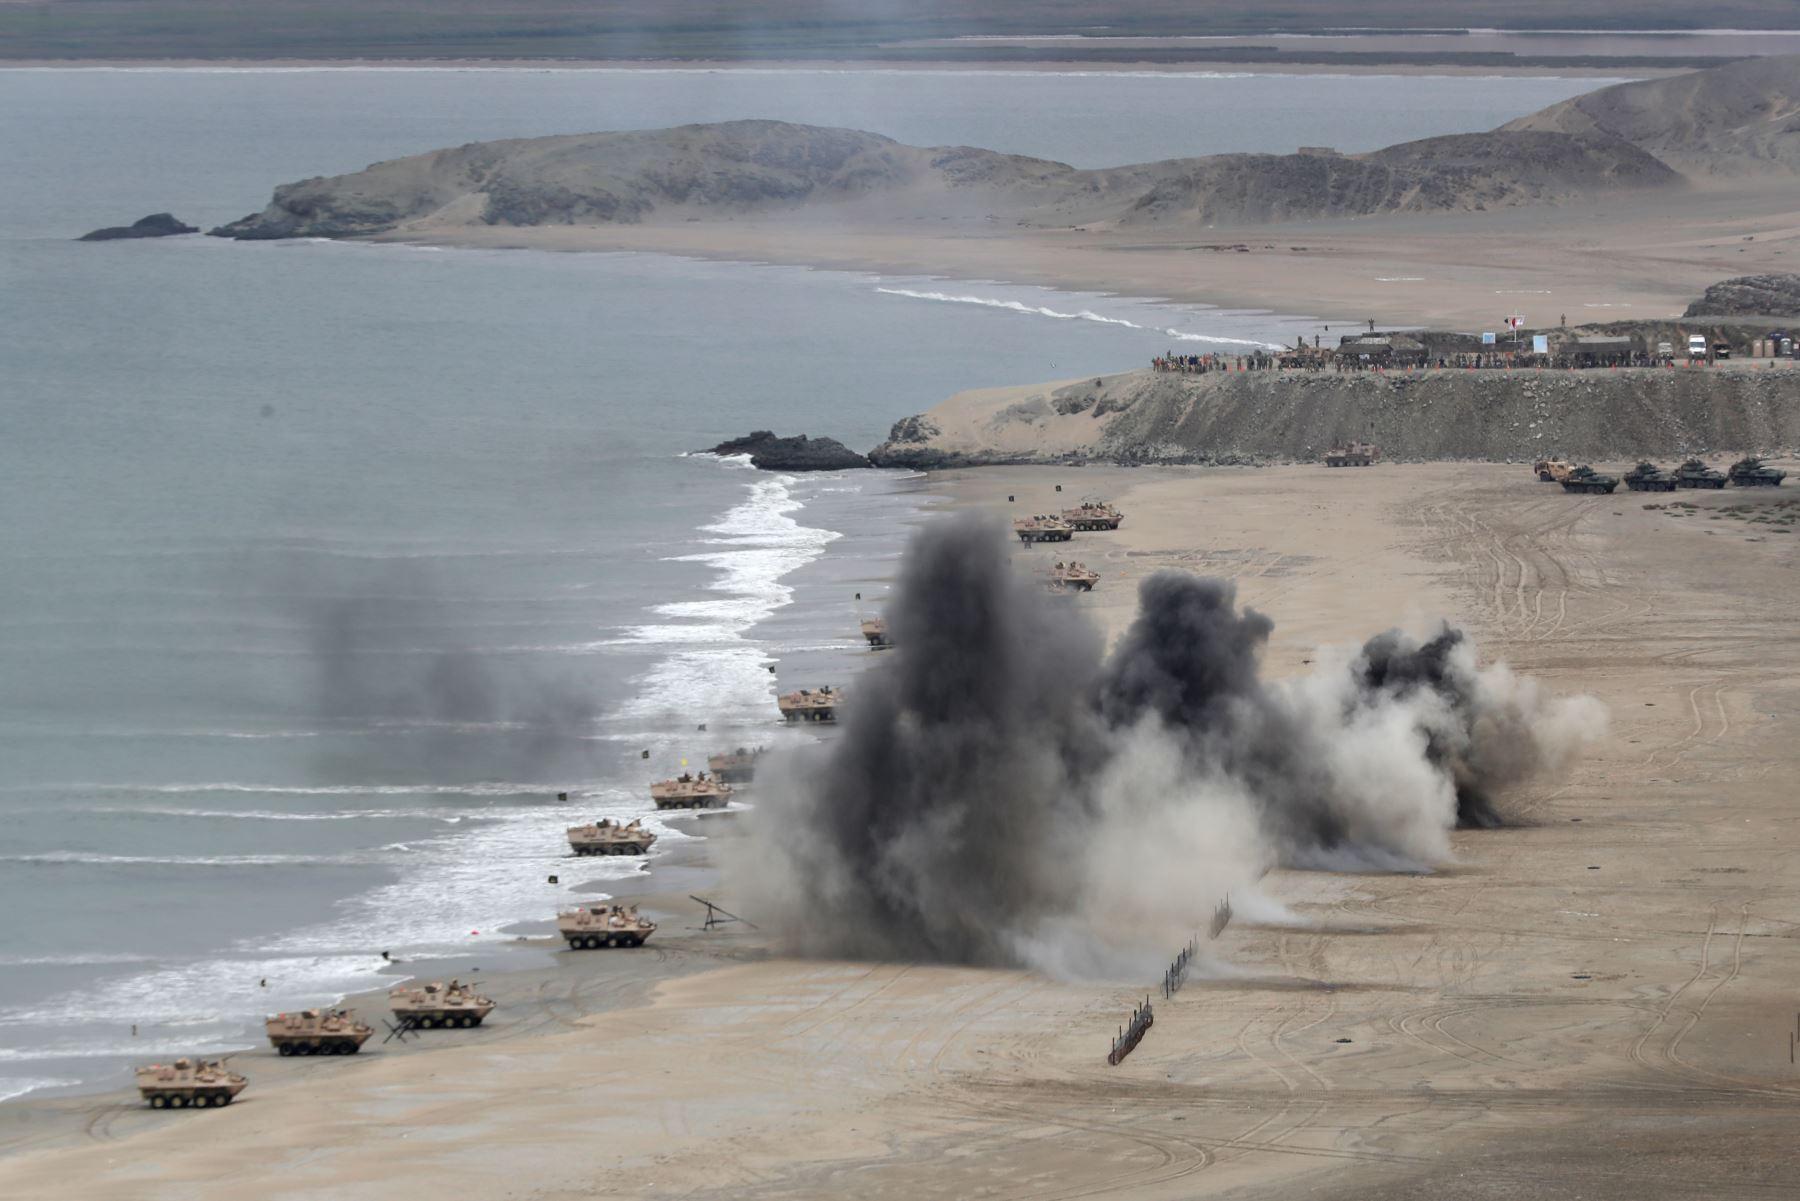 Playas de Huacho fueron escenario de operación anfibia multinacional Unitas